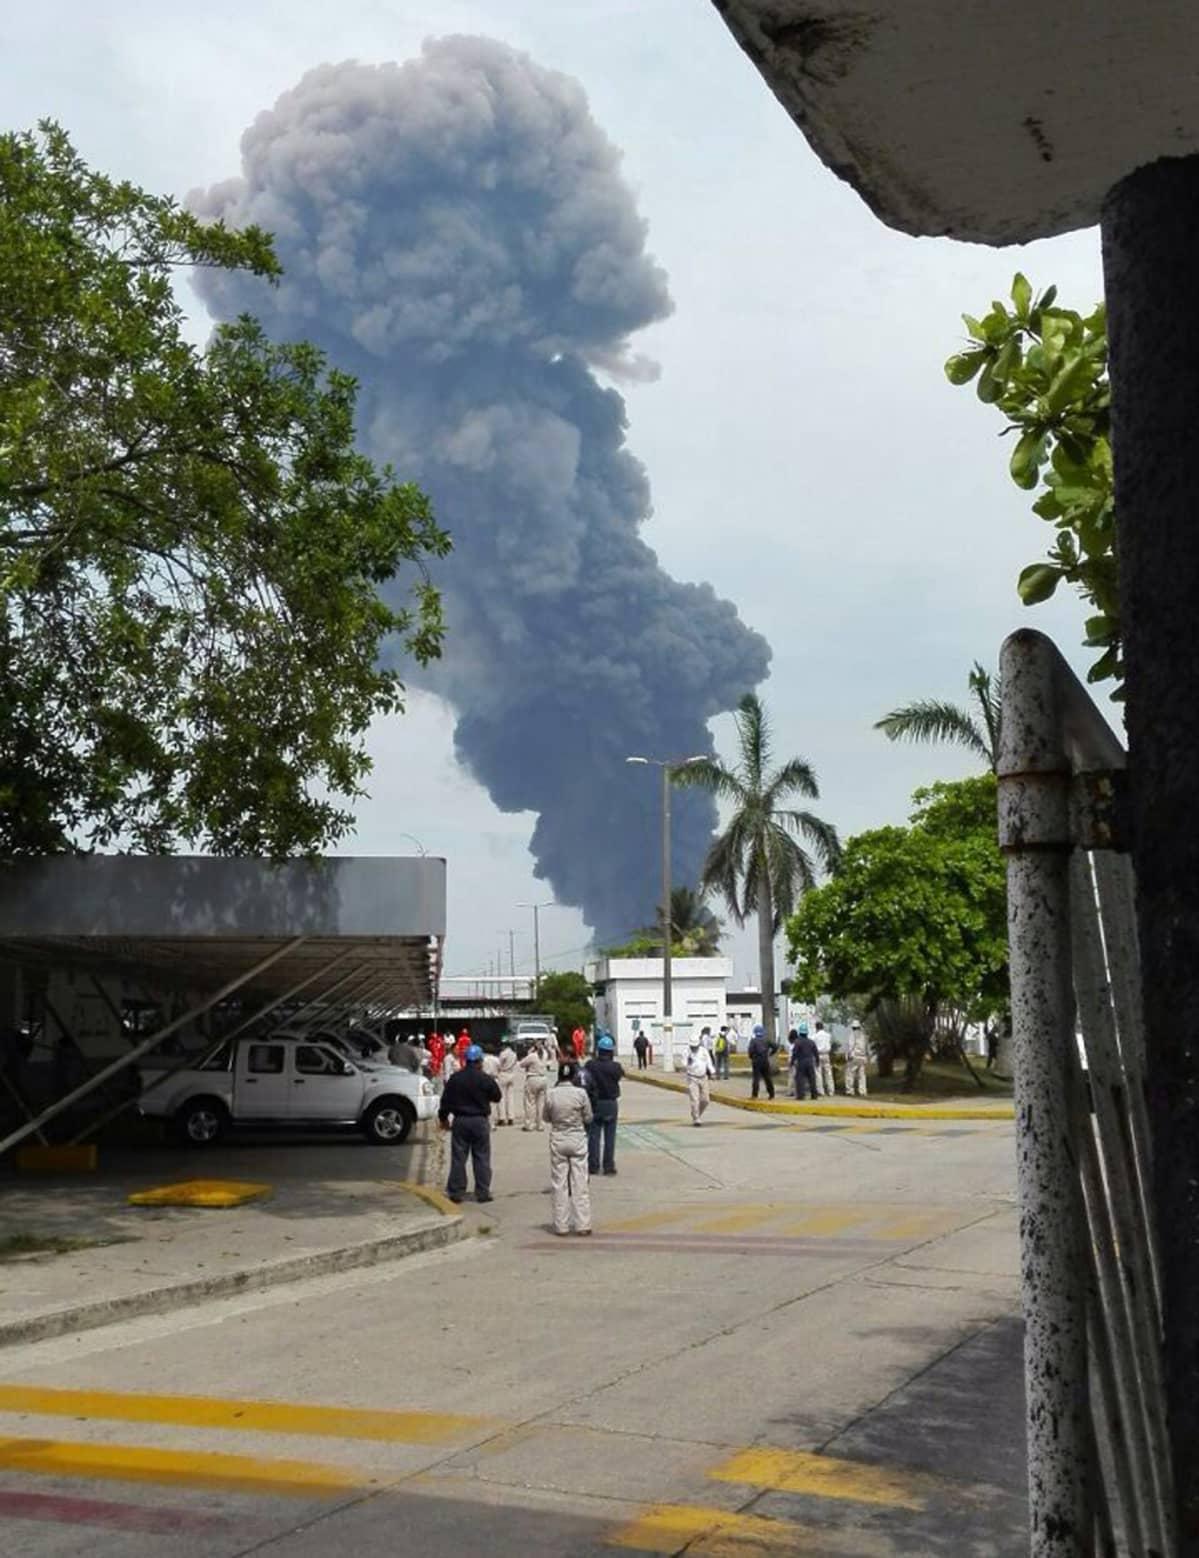 Työntekijät evakuoivat öljy-yhtiö Pemexin rakennuksia voimakkaan räjähdyksen jälkeen Coatzacoalcosin kaupungissa Meksikossa keskiviikkona.